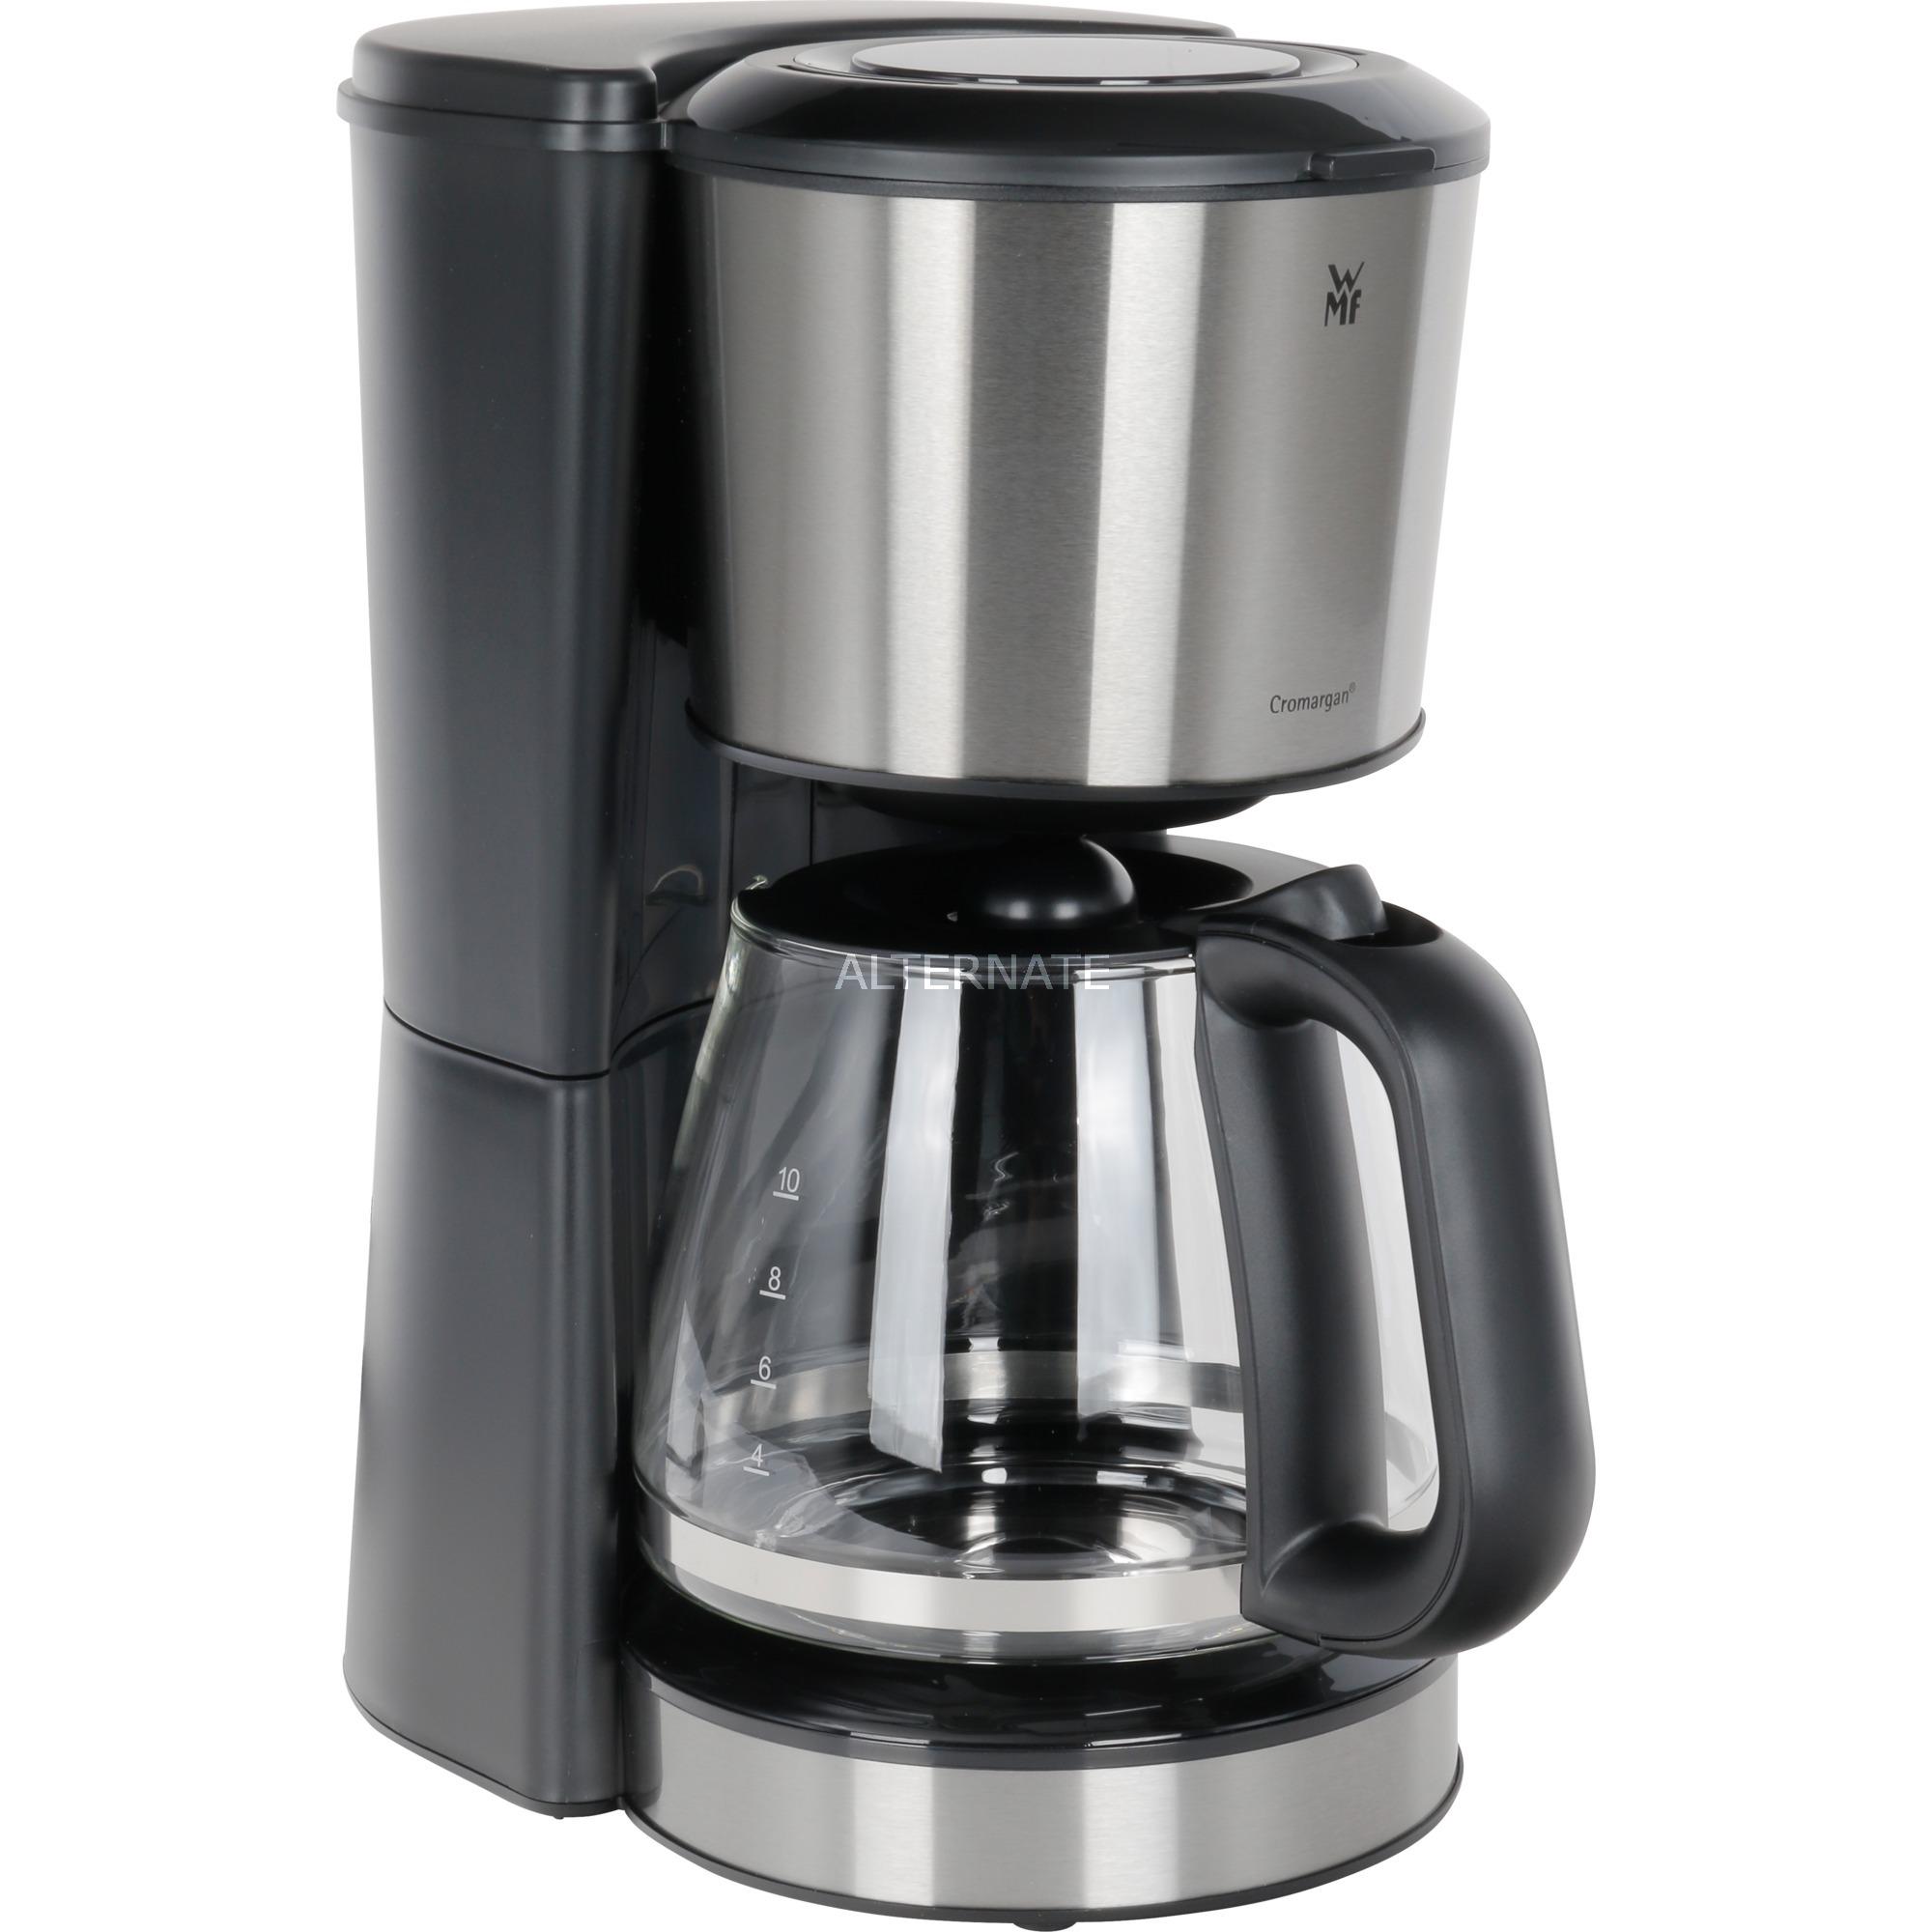 Bueno Independiente Cafetera de filtro Negro, Cromo 10 tazas Totalmente automática